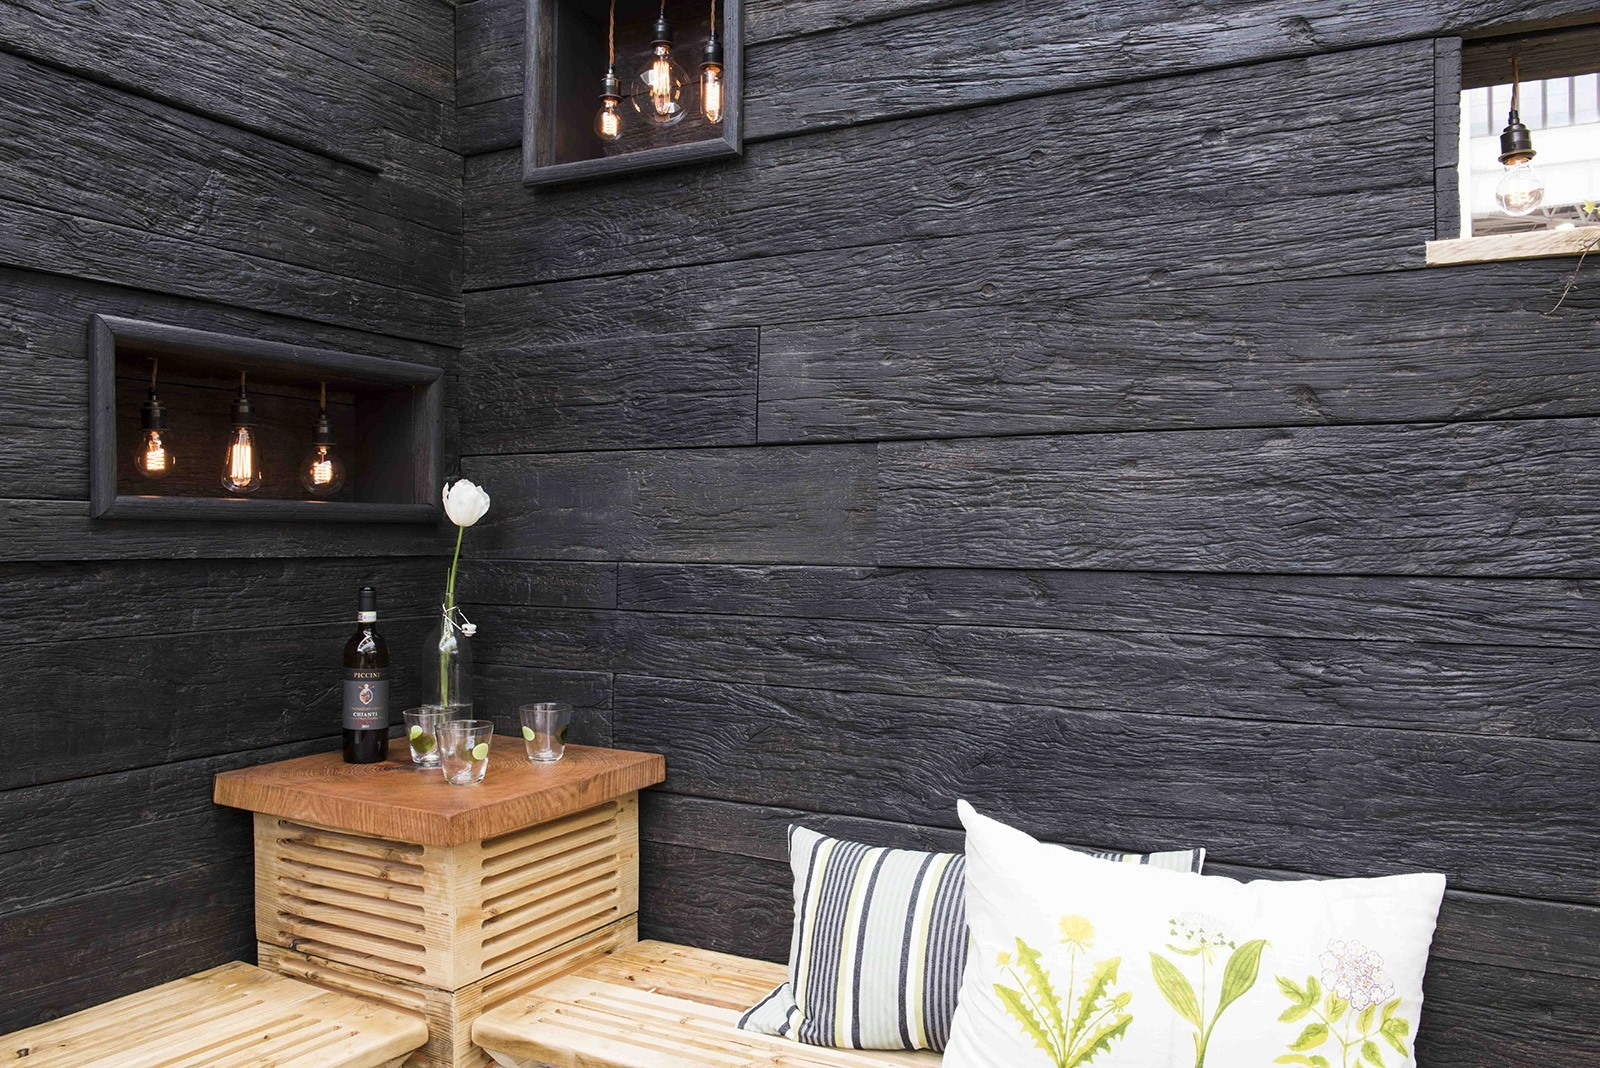 Enhanced Grain Charred Oak Millboard Wall Cladding - Interior Wall Cladding Ireland, Northern Ireland